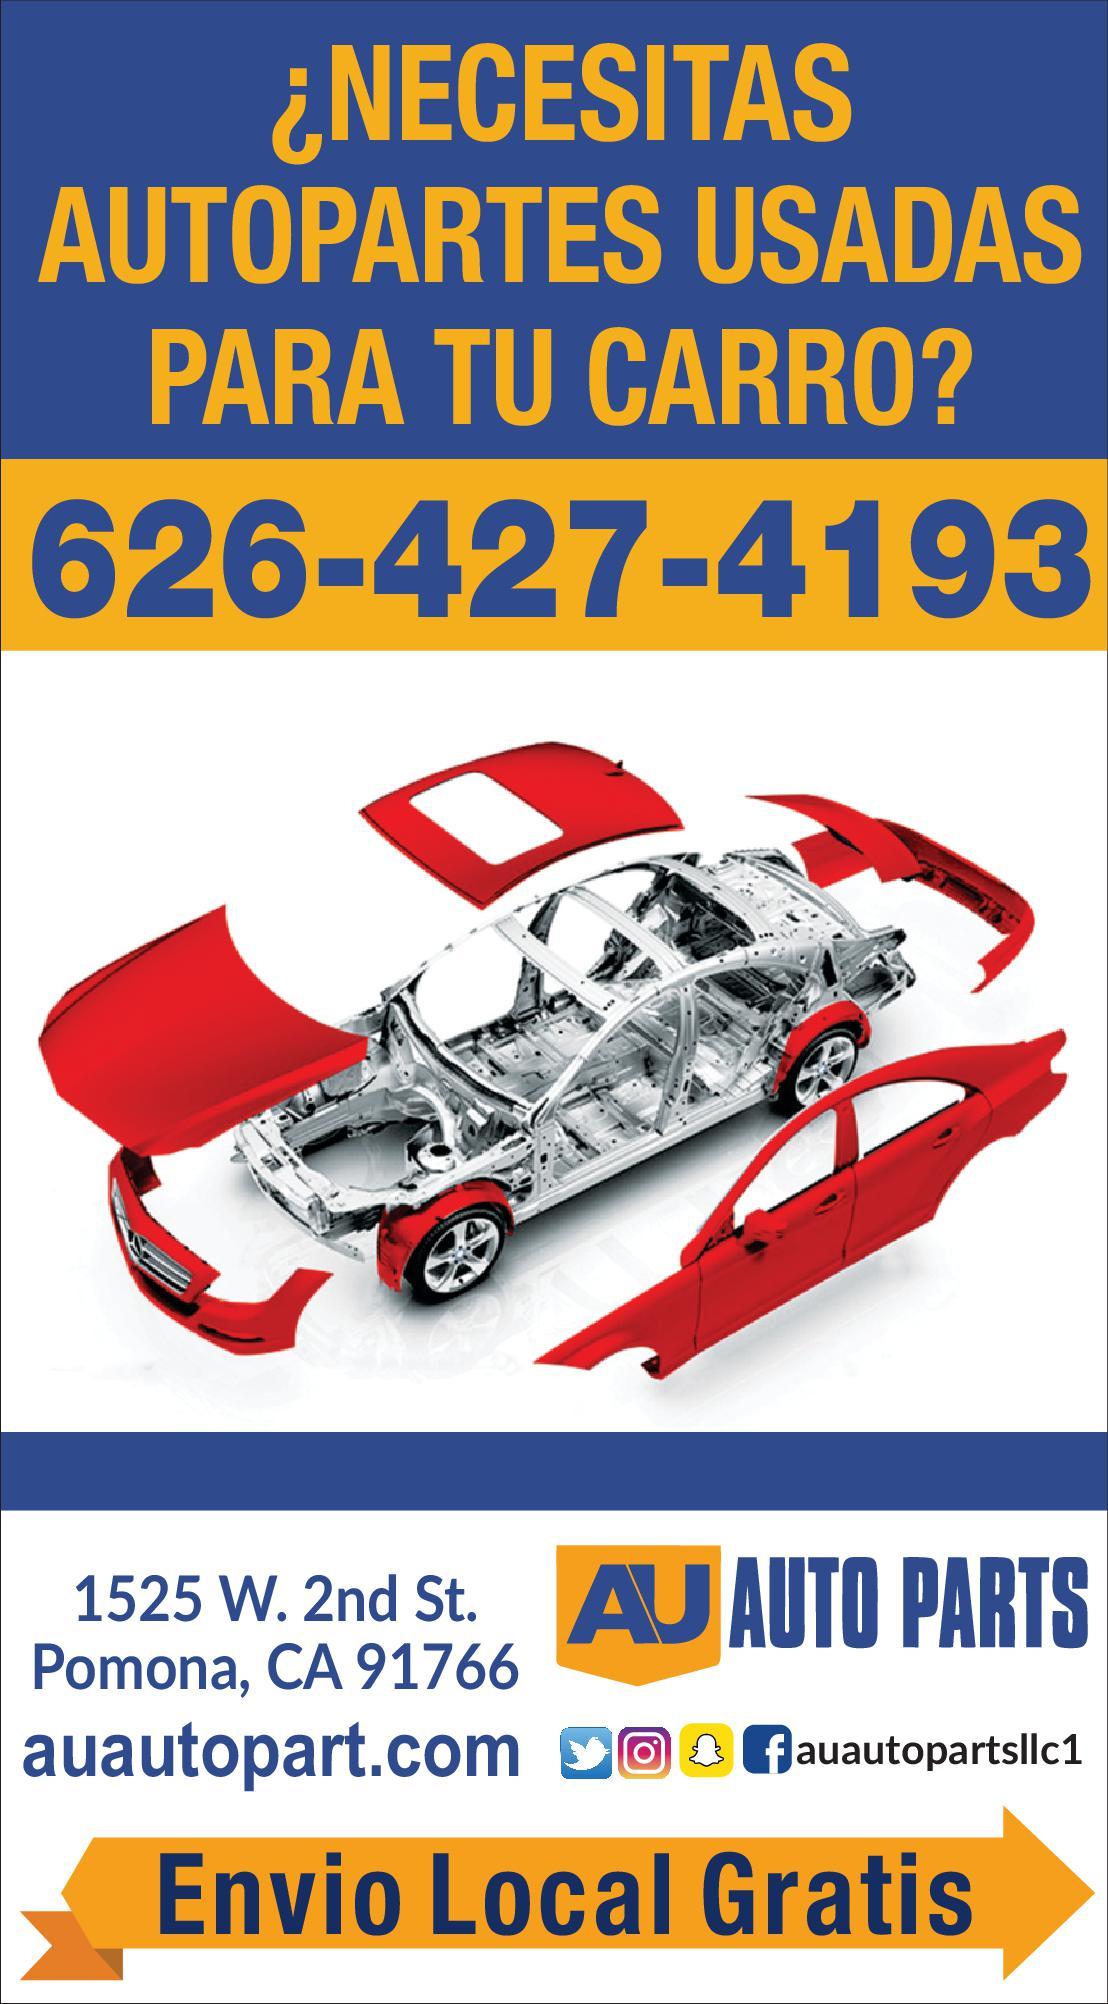 Av Auto Parts Llc